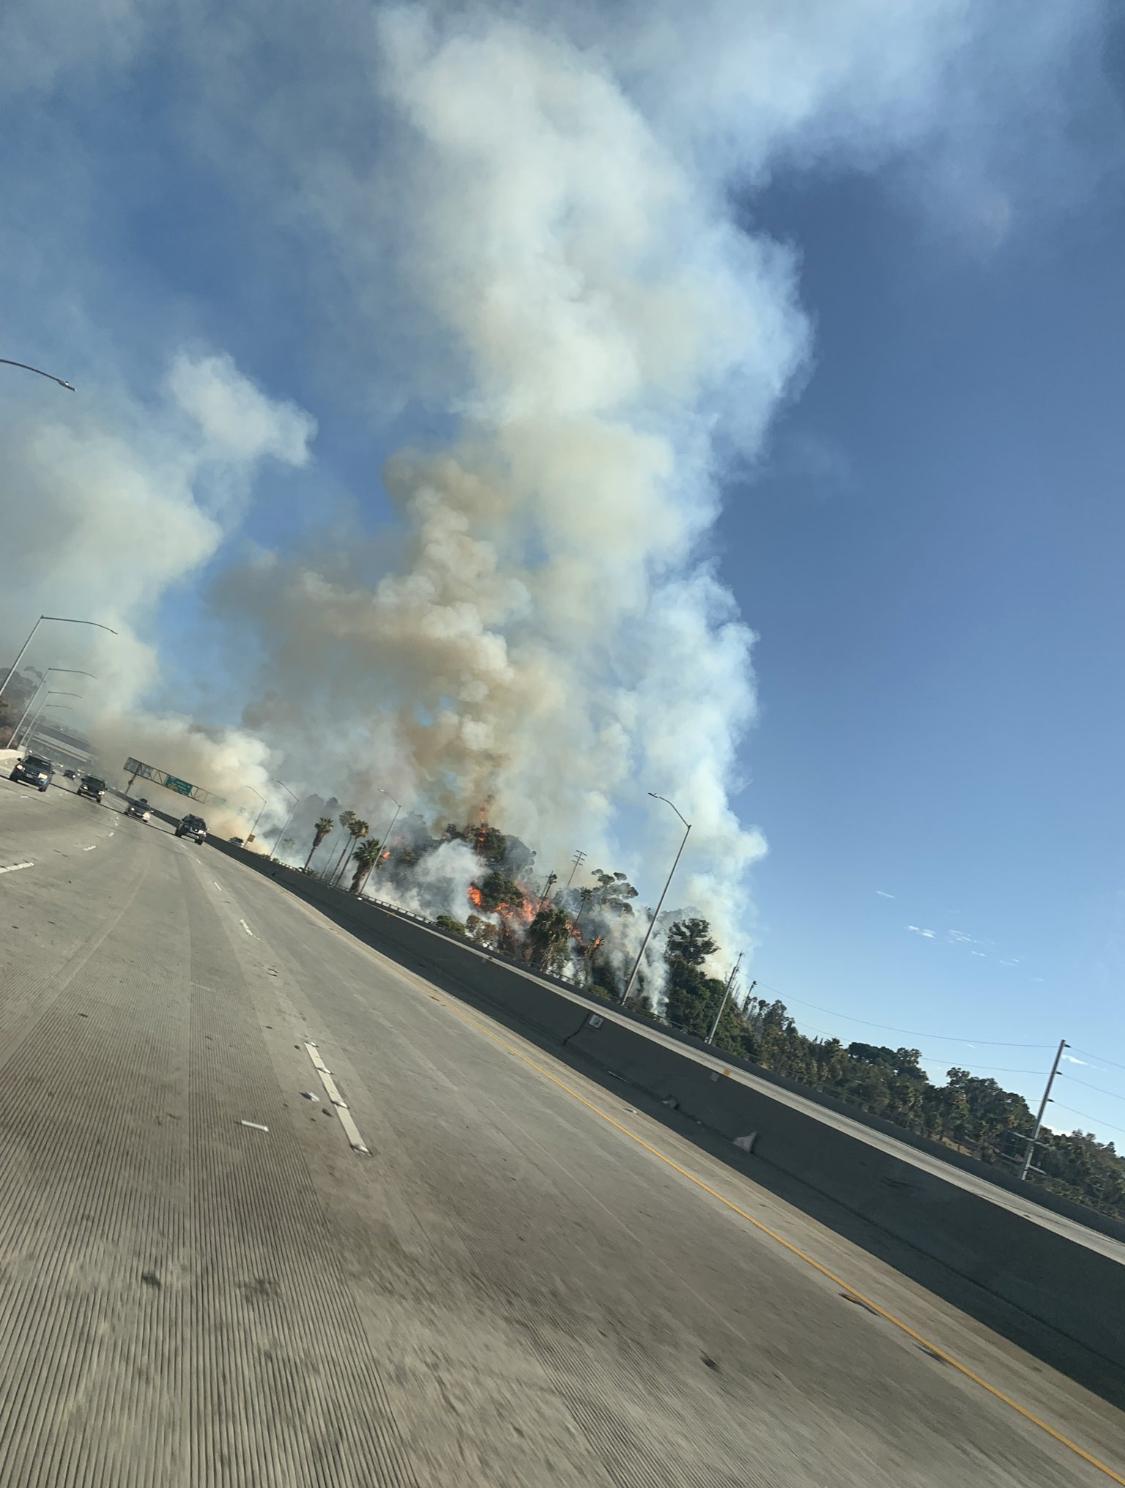 聖佩卓垃圾焚燒釀大火,逮捕一名縱火嫌犯。推特